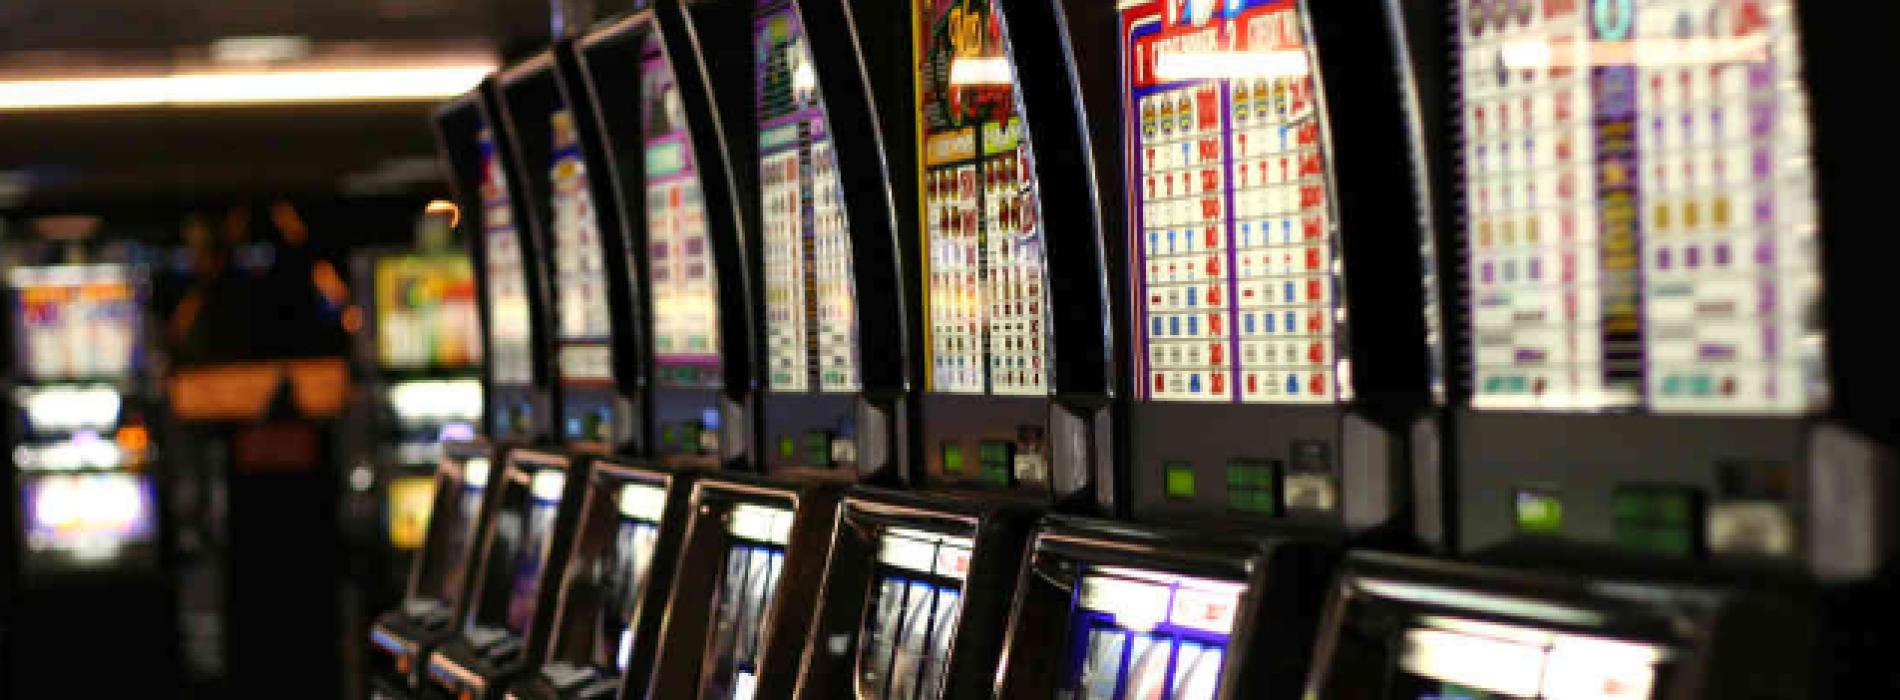 Gioco d'azzardo. Via le slot da bar e tabaccherie